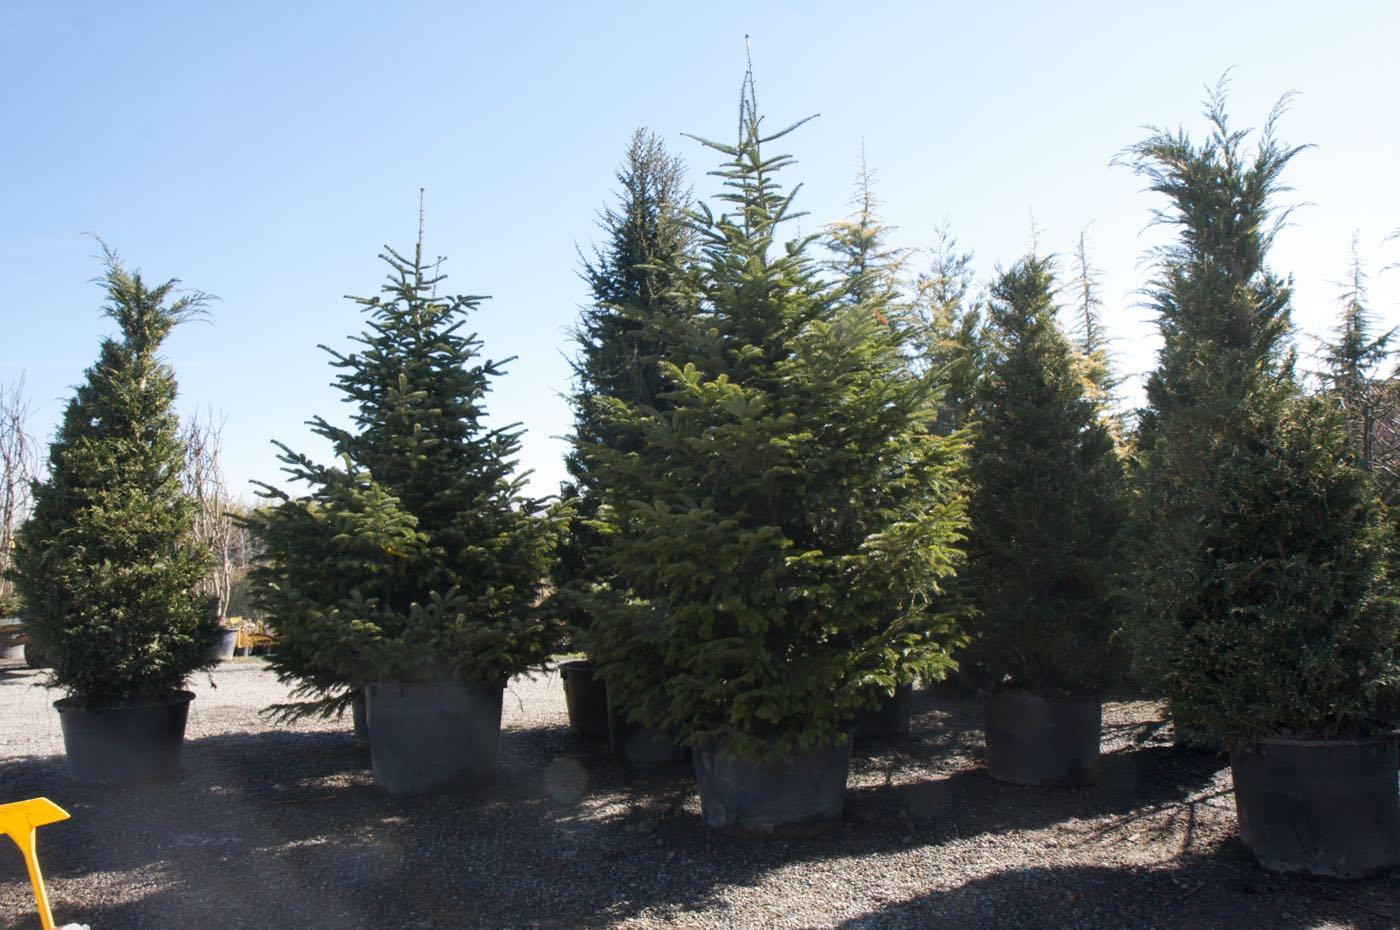 Vente de sapin de noel et conifere en container - Pépinière de l'Aiguillon producteur Toulouse